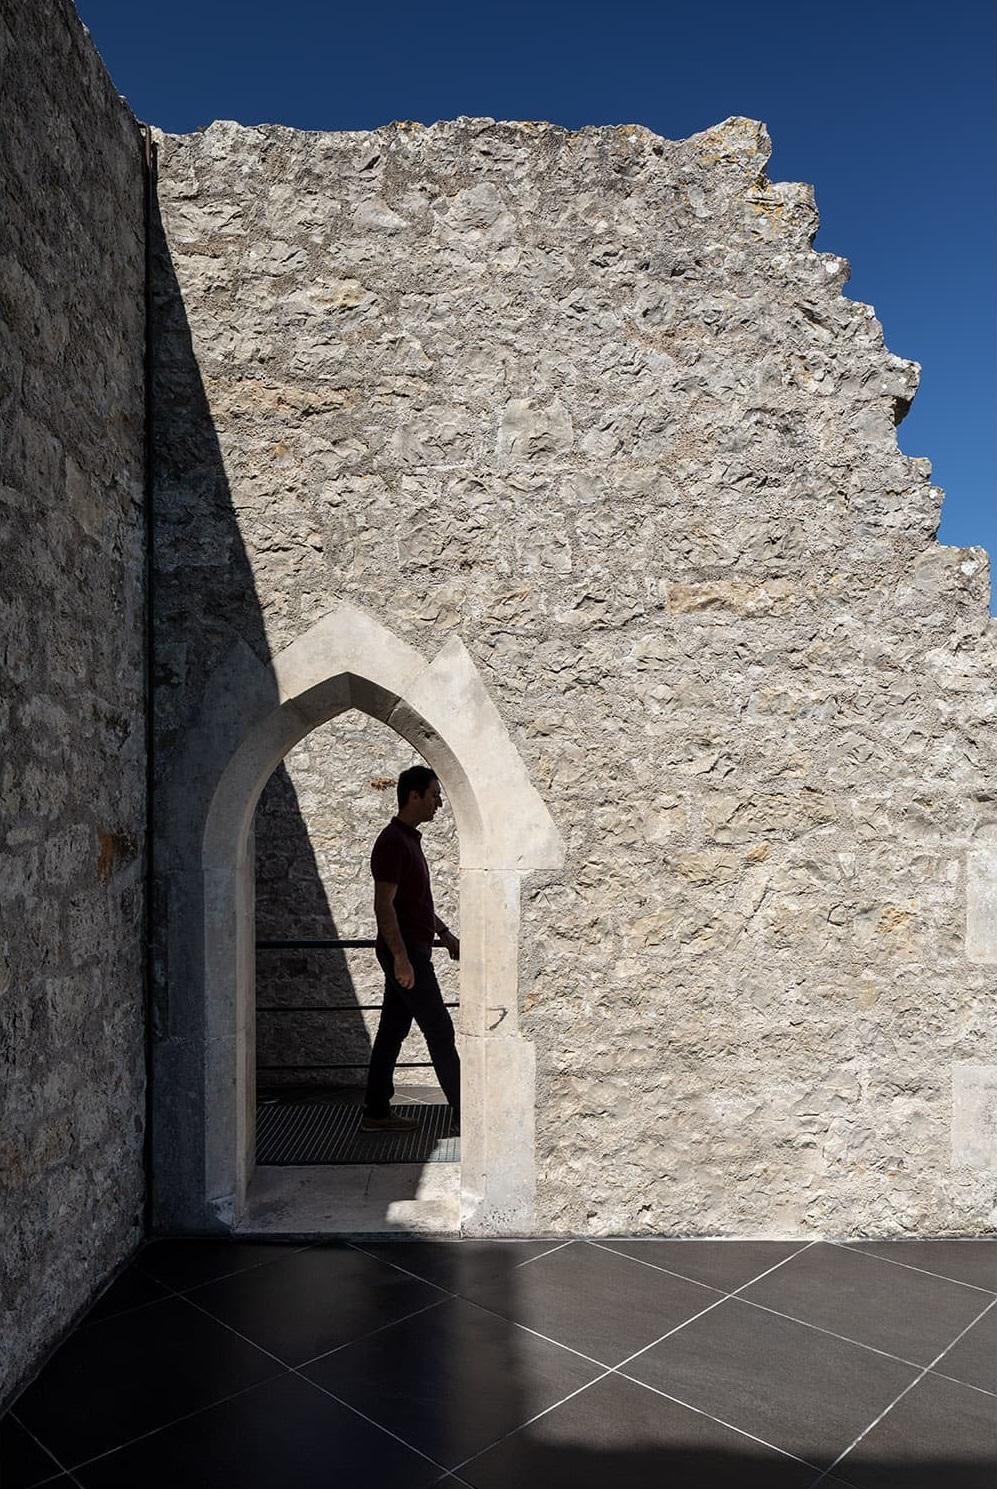 Castelo de Porto de Mós - Slabstone - Passagem 2